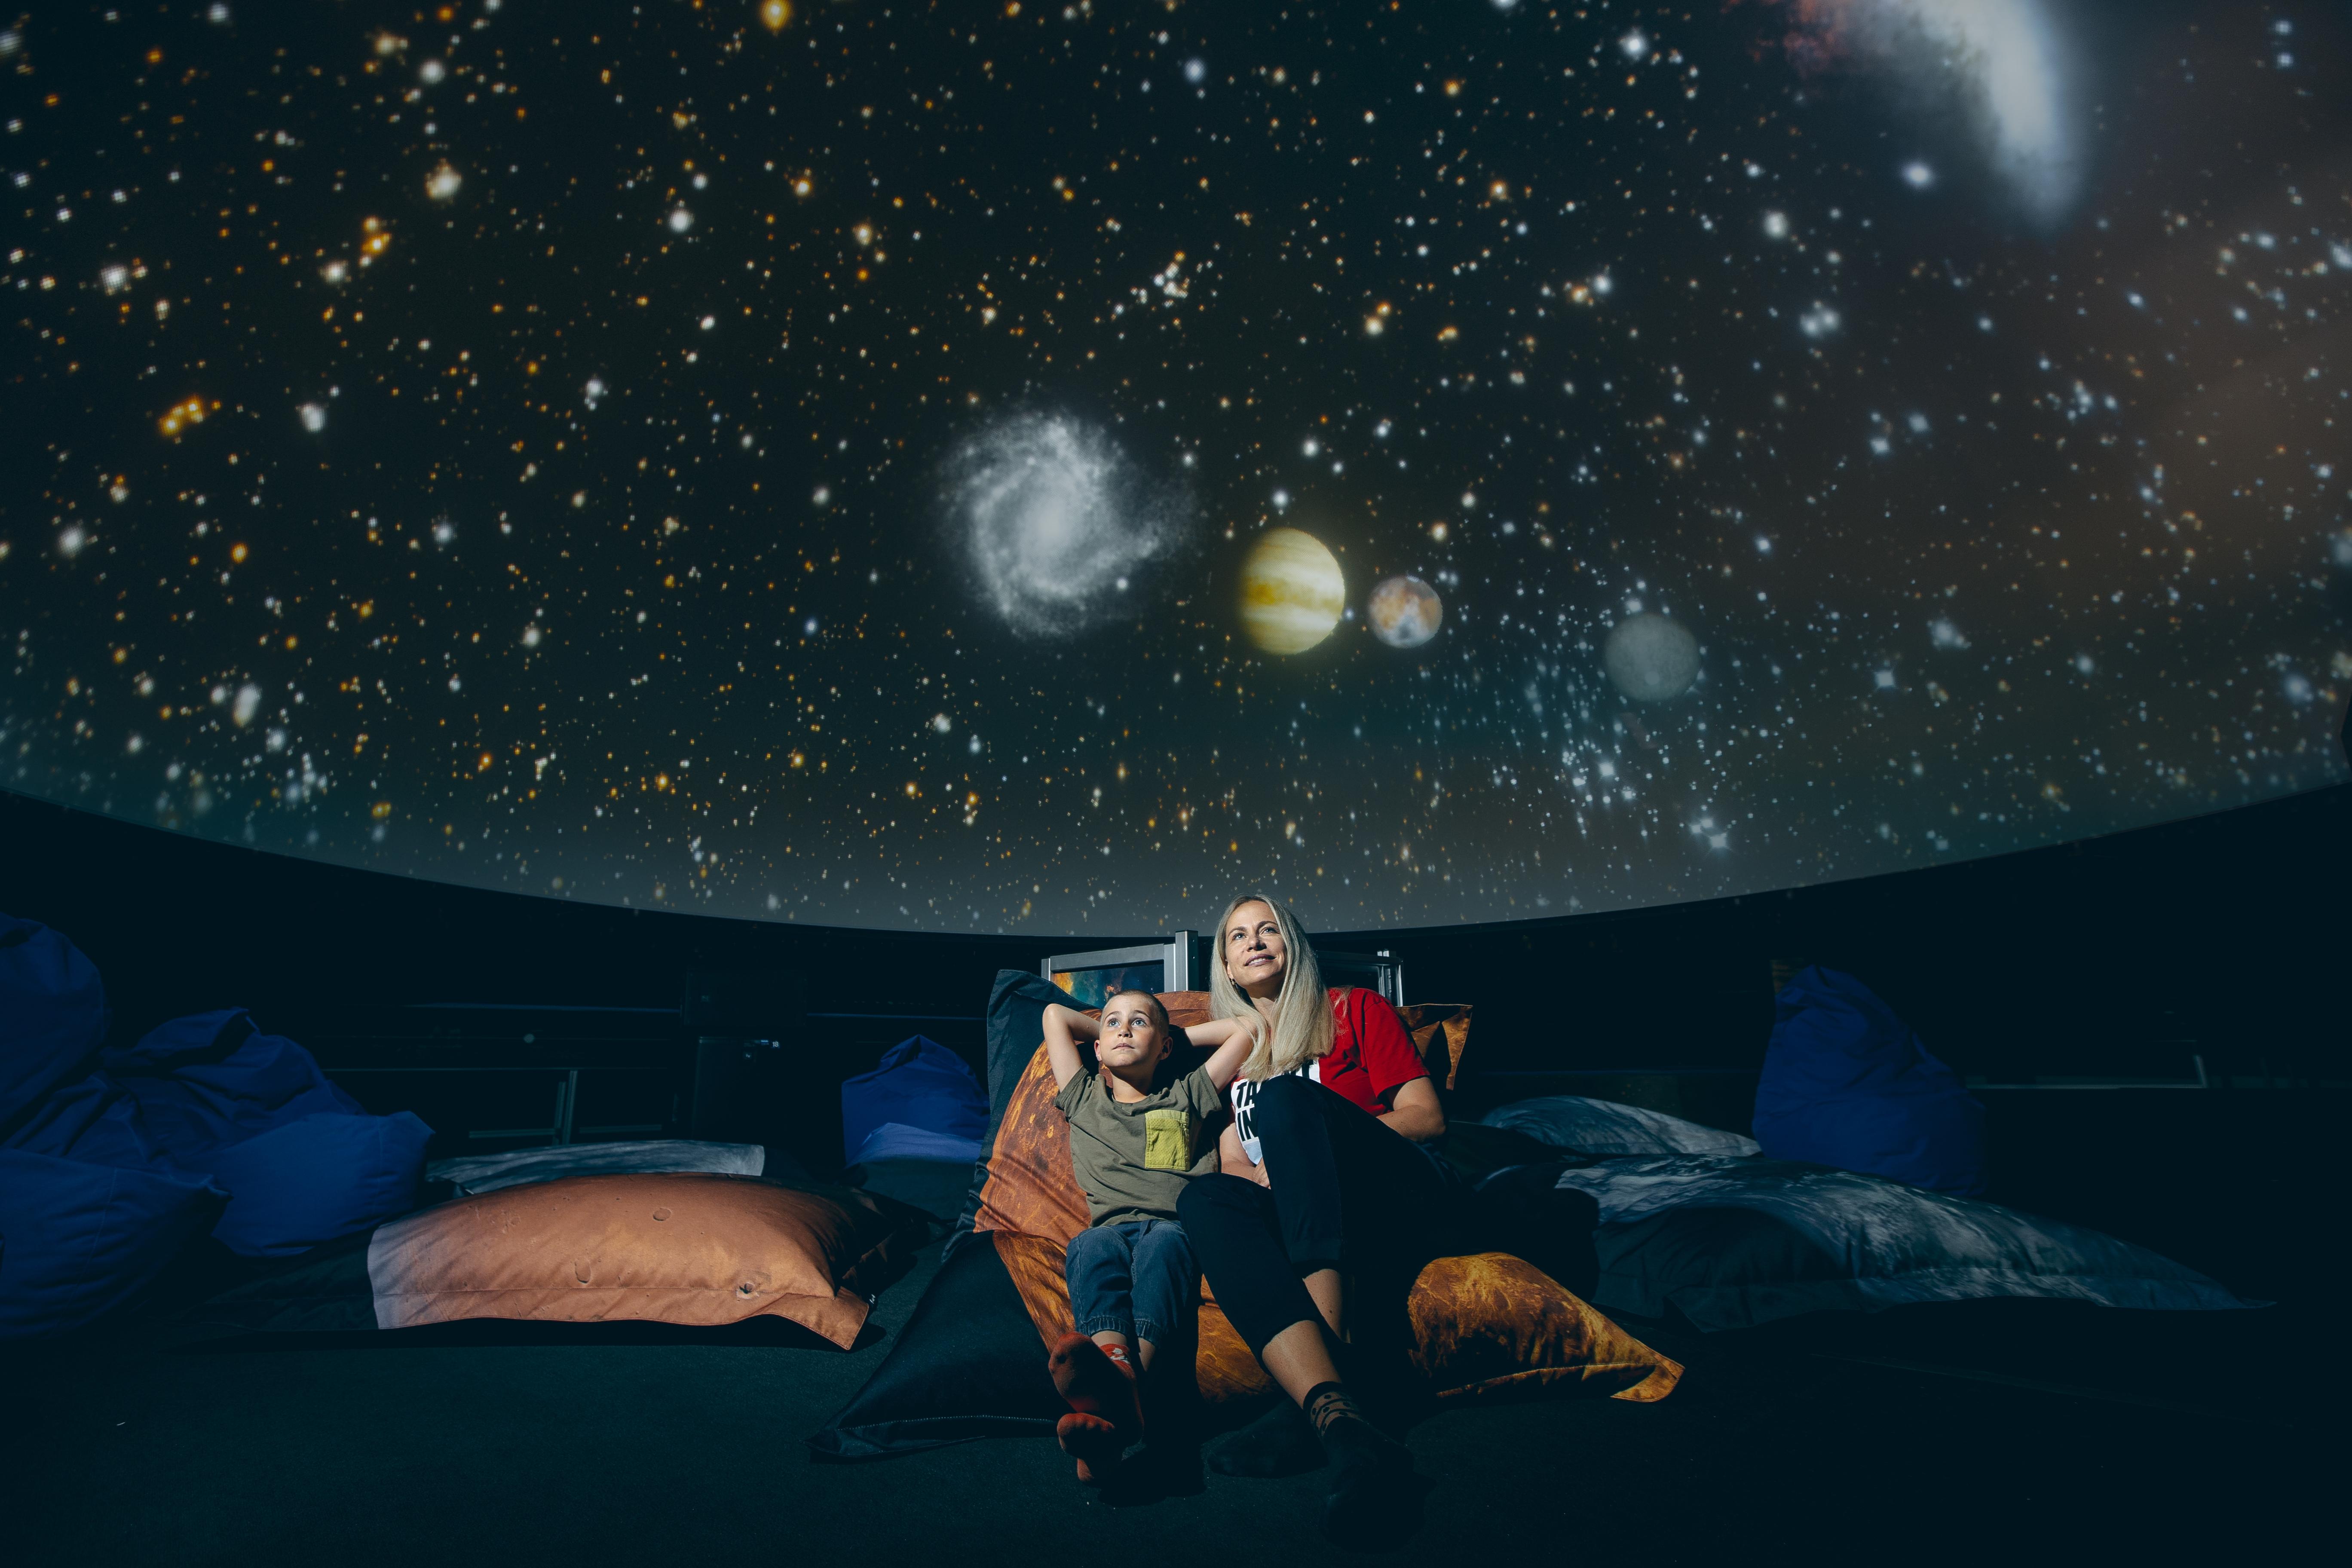 planetárium zdroj foto: M. Vysloužilová